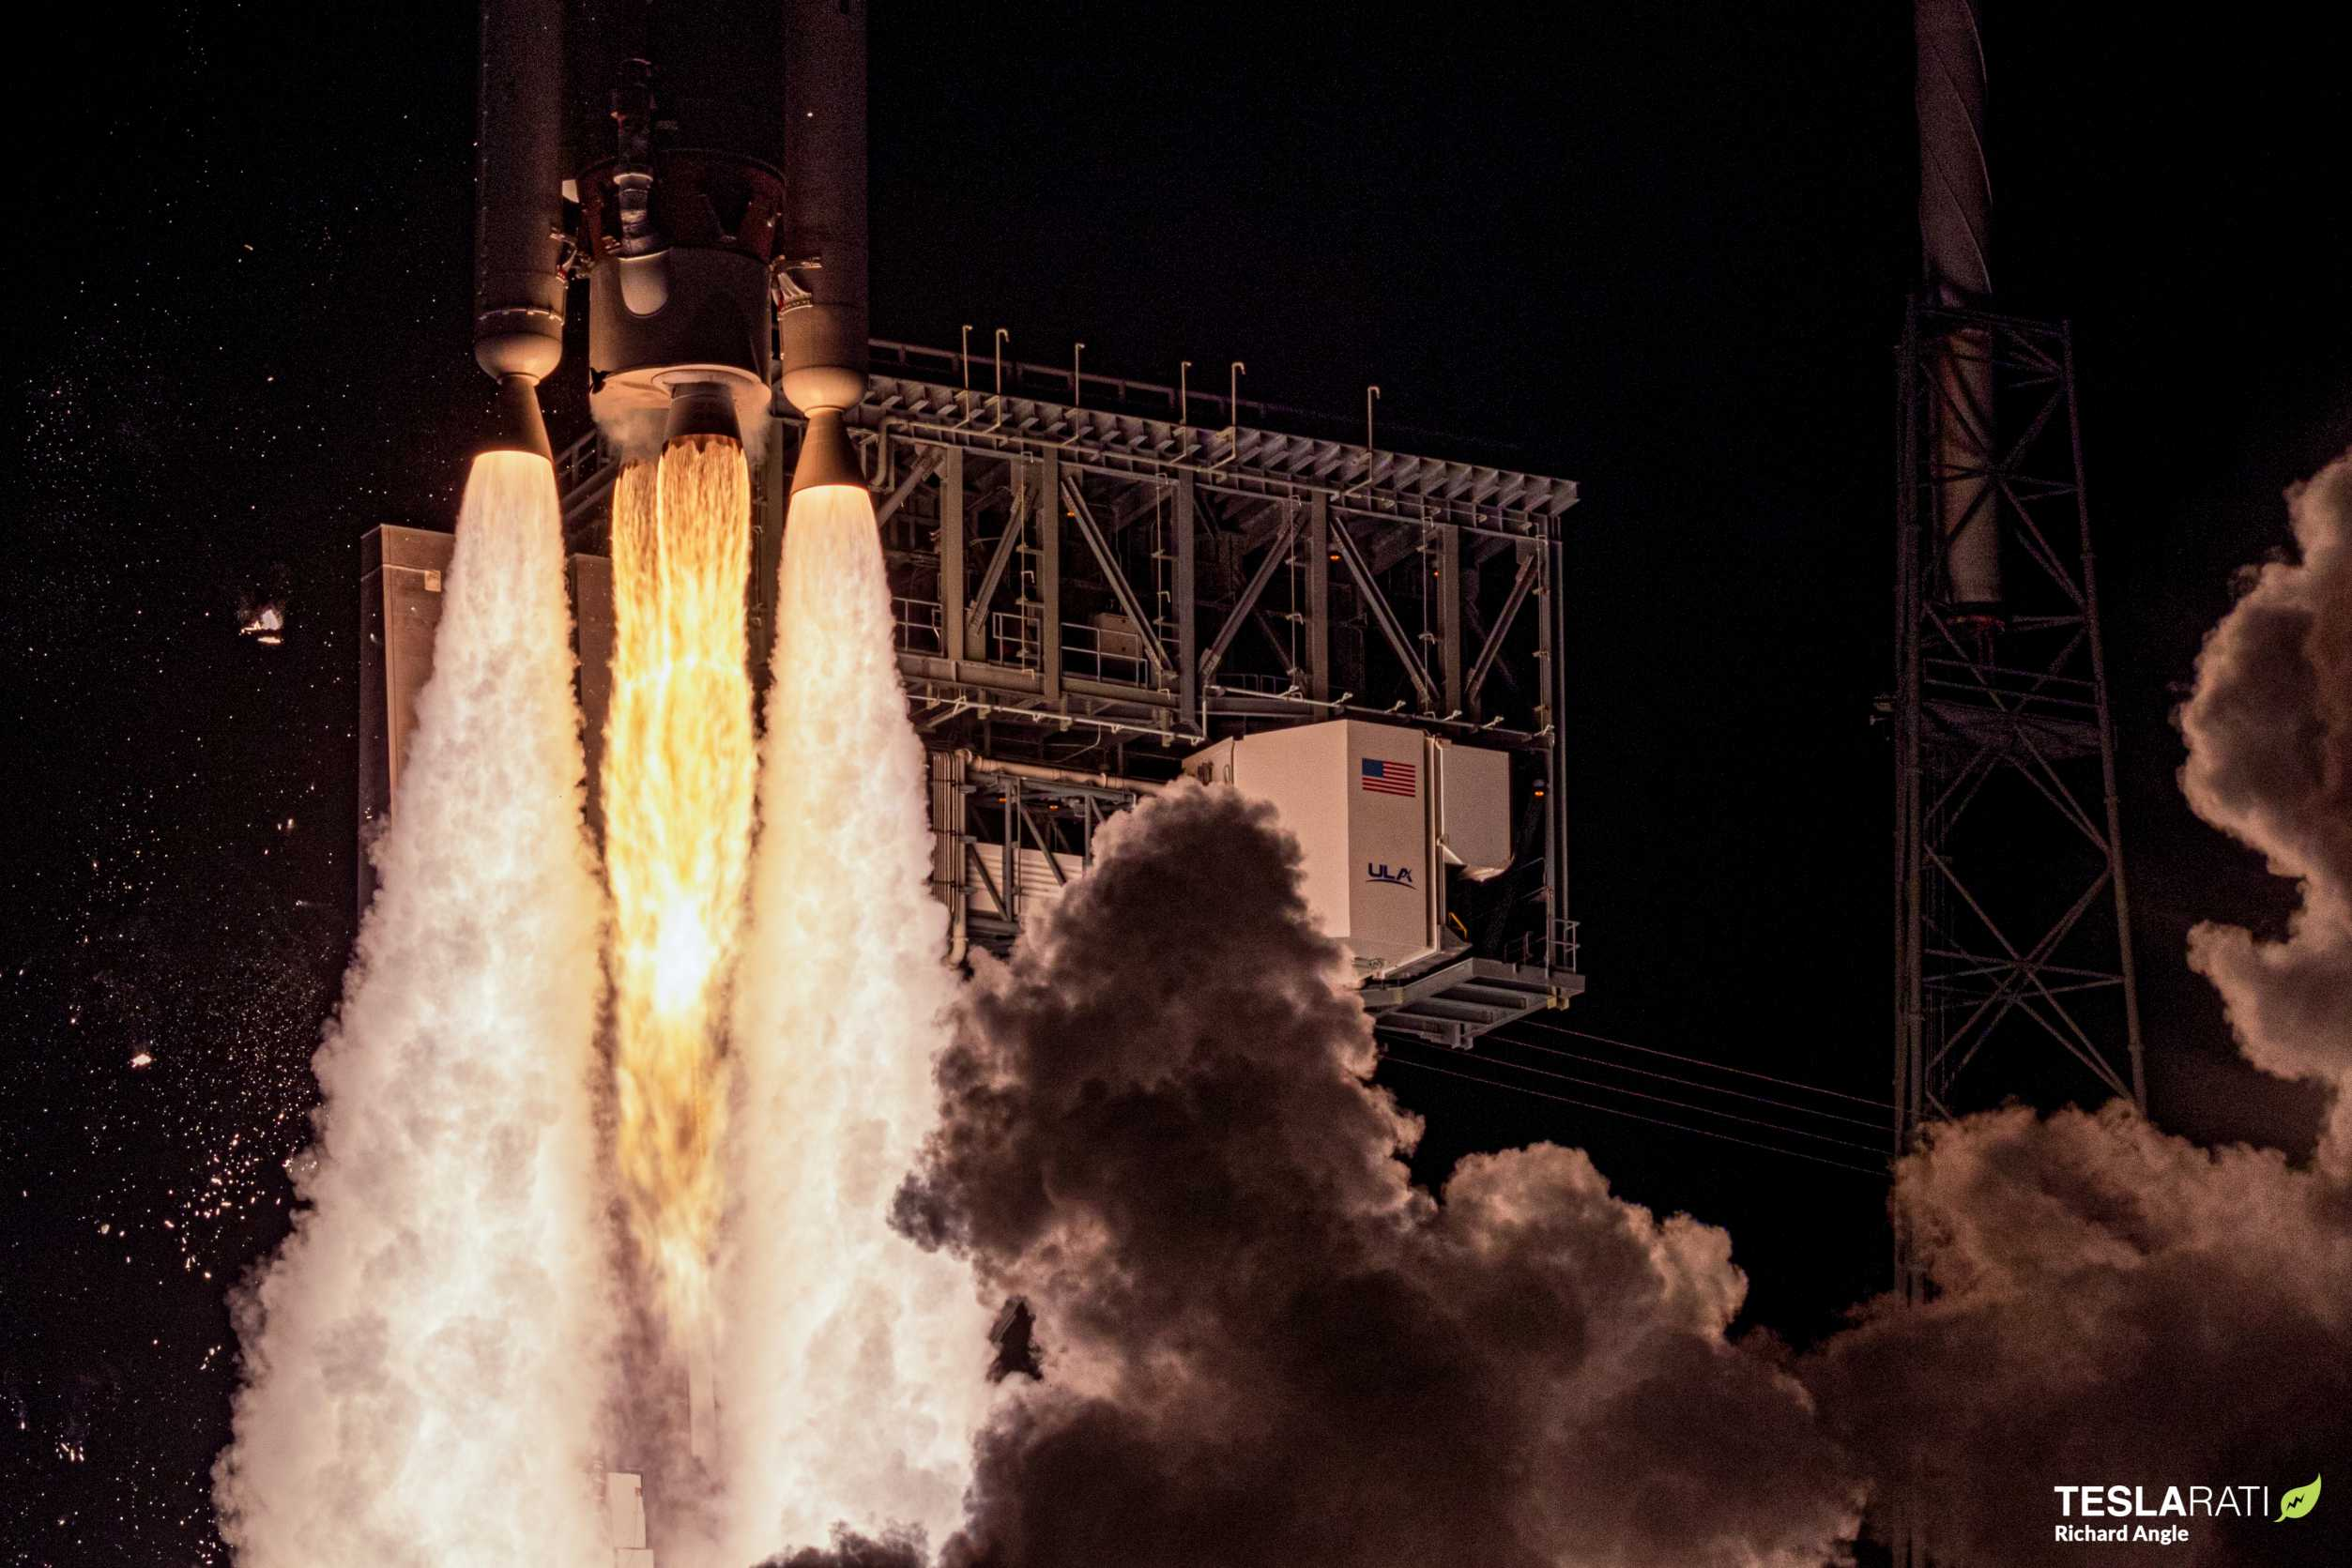 Starliner OFT Atlas V LC-41 122019 (Richard Angle) liftoff 1 (c)